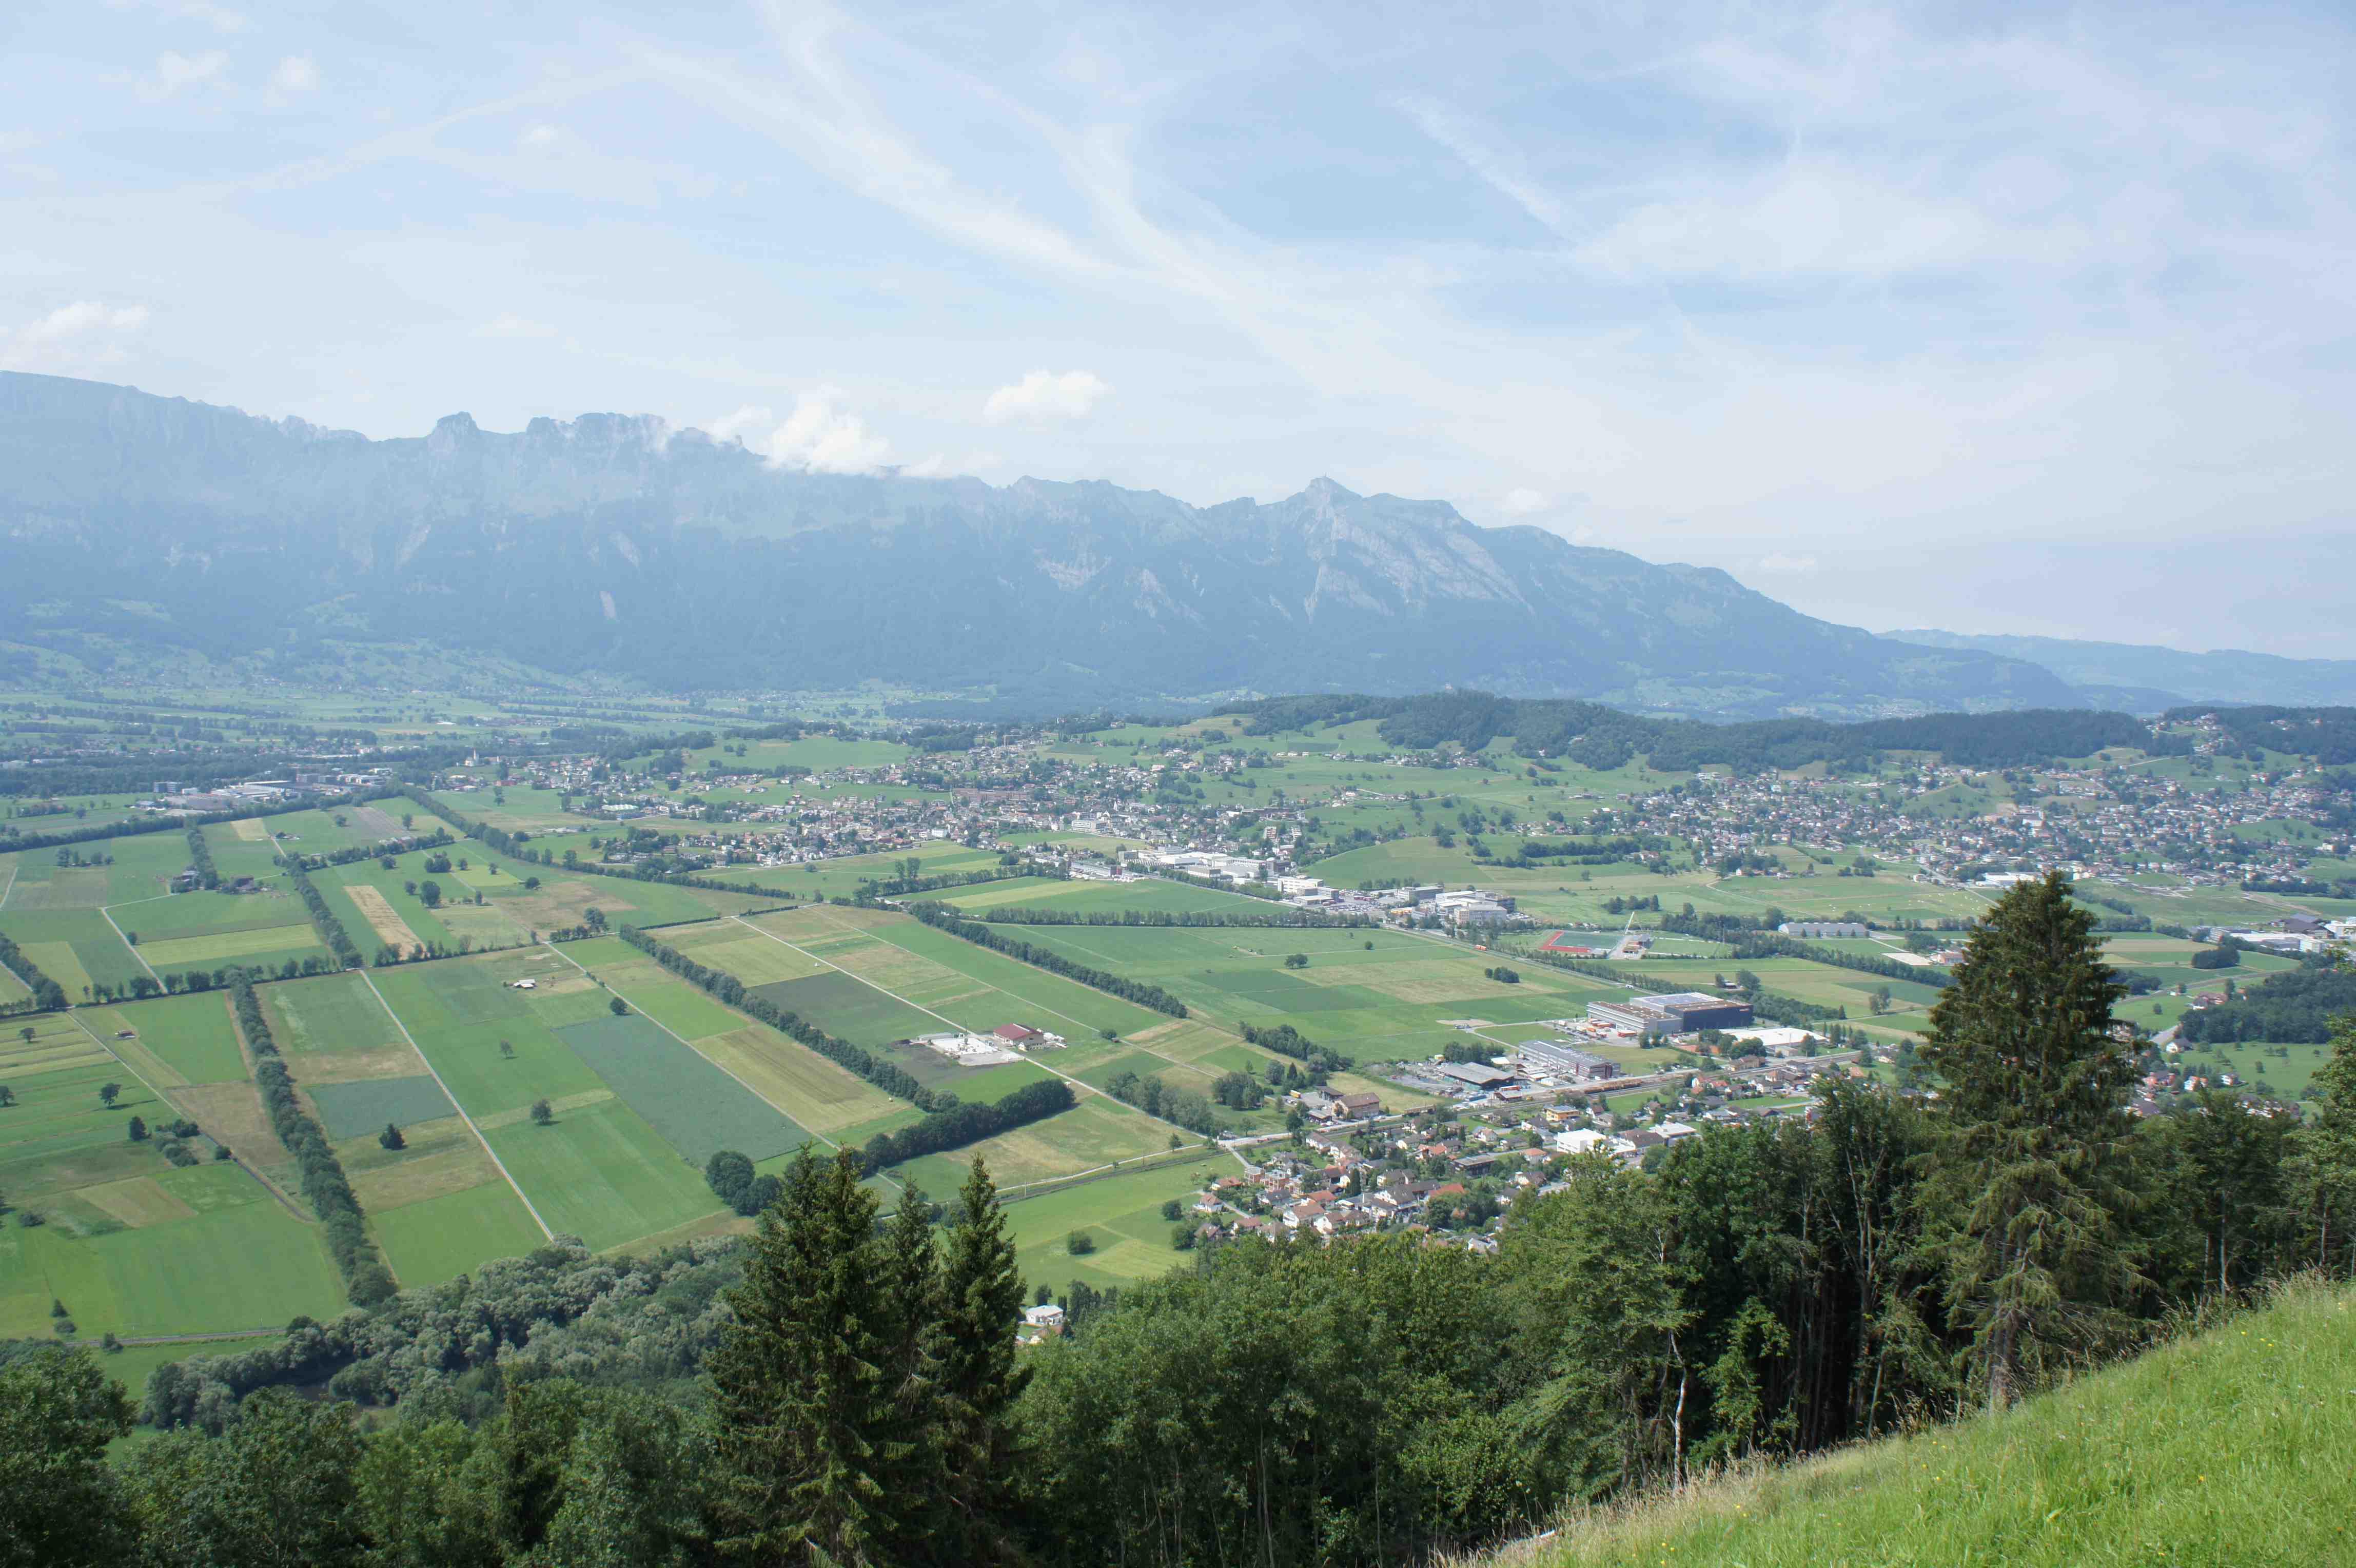 Blick auf Liechtenstein und das Obere Rheintal. Mit dem Fahrrad können Familien das Fürstentum auf 100 km Radwegen erkunden.  Foto: (c) Kinderoutdoor.de